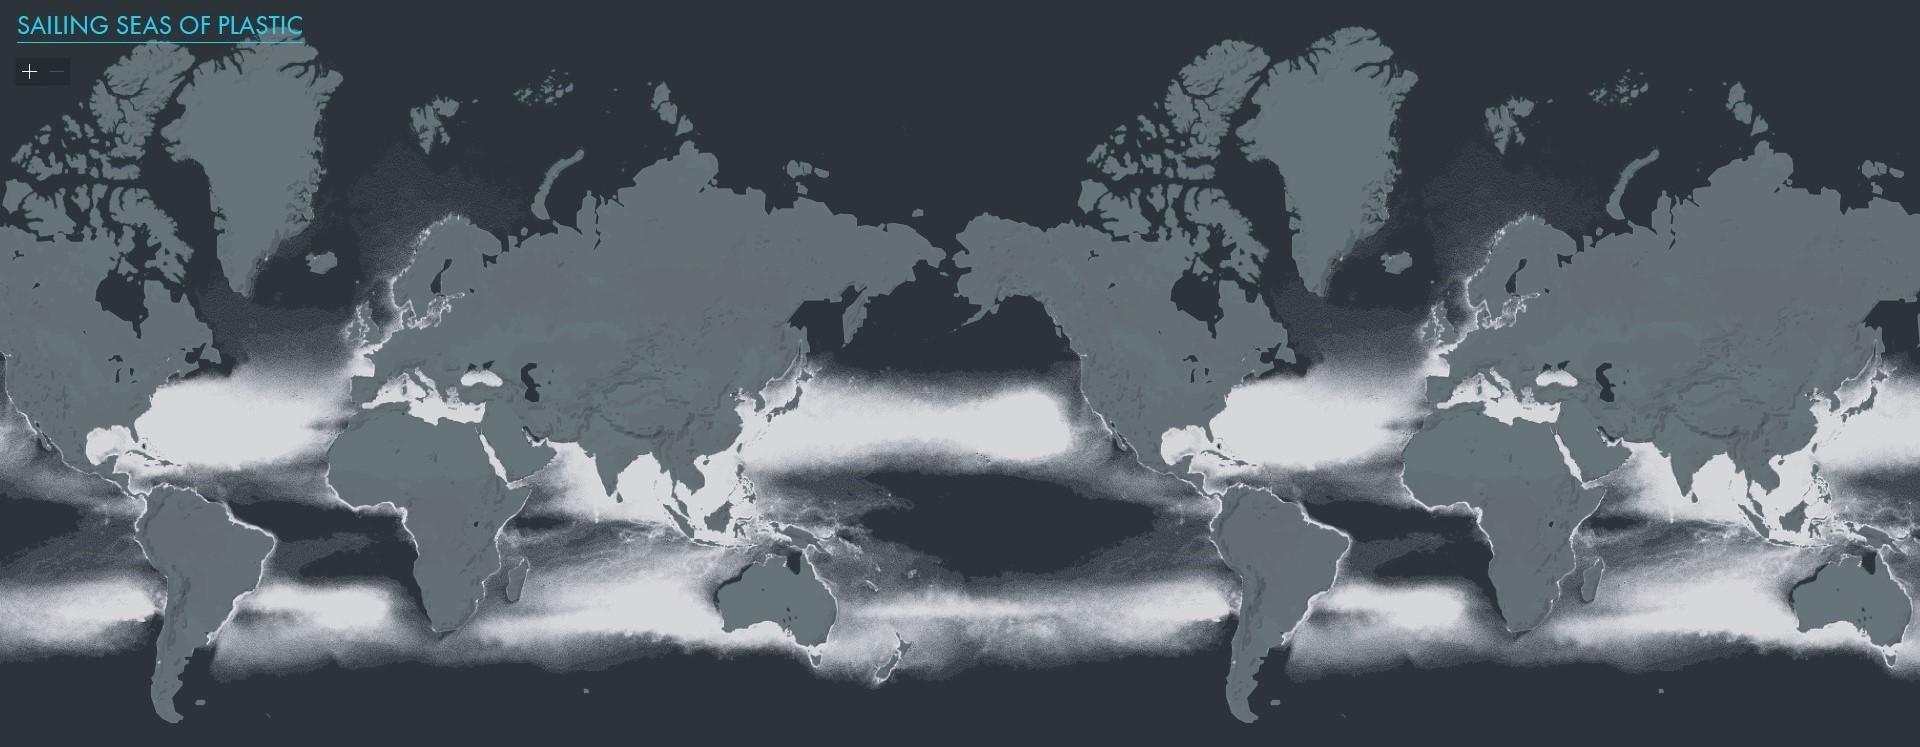 carte mondiale de la pollution plastique